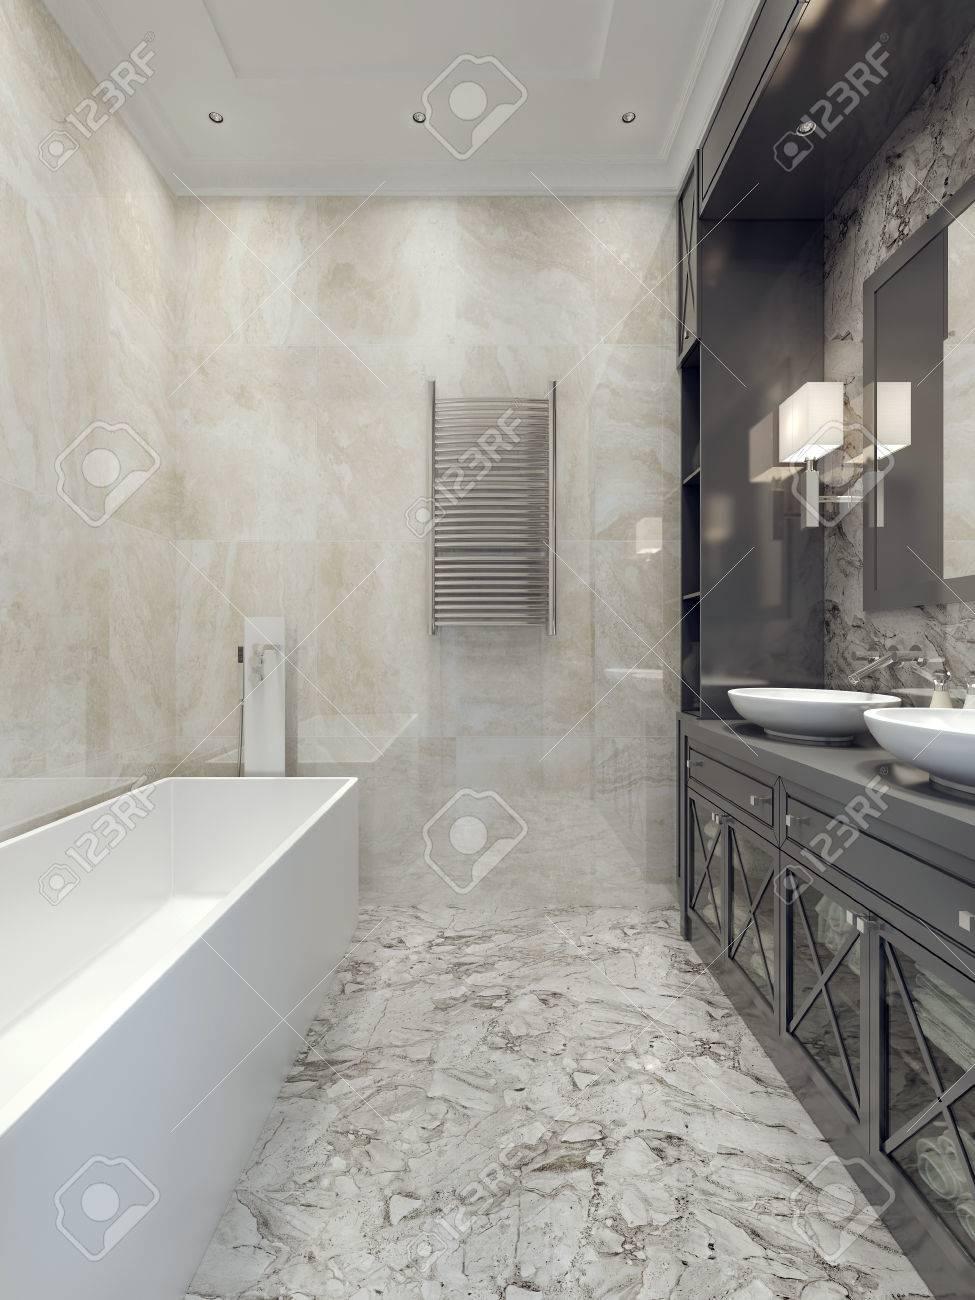 Style de salle de bain Art déco. Rendu 3D